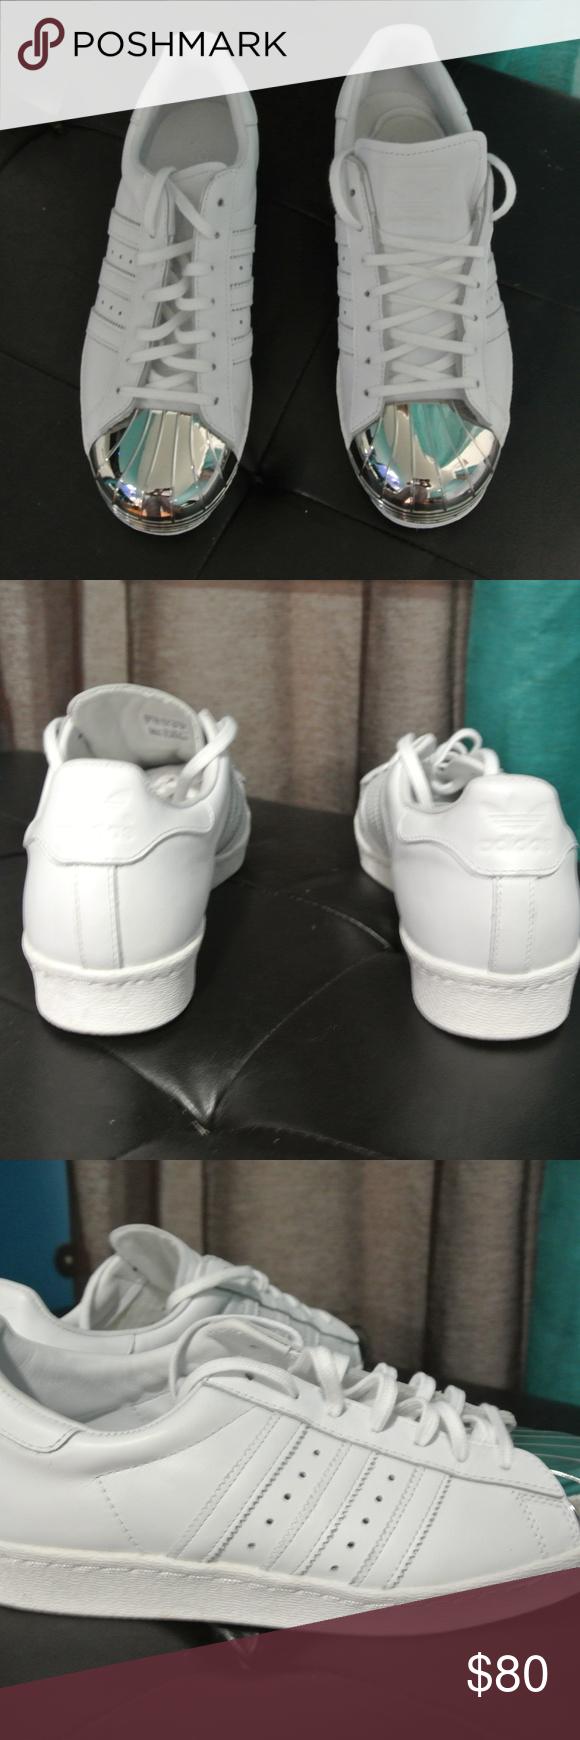 Adidas Superstar 80s Metal Toe Women s Originals Adidas Superstar 80s Metal  Toe Women s Originals White Silver Toe D67592 Size 9 . 0d1750a7f806